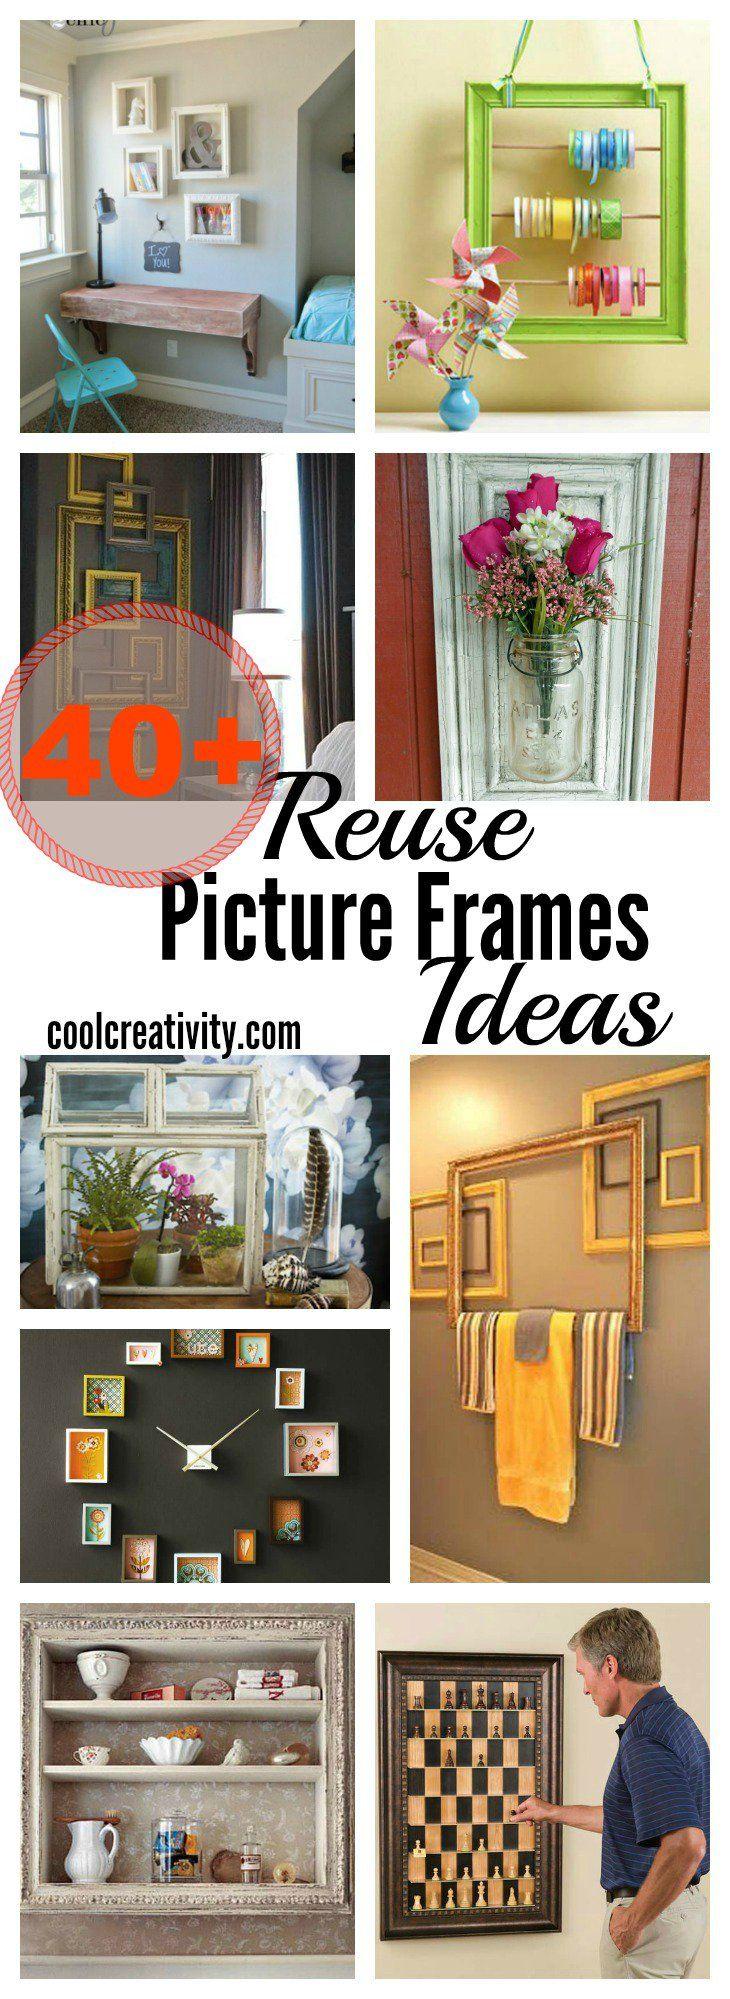 505 best Repurposed Frames images on Pinterest | Frames, Old frames ...